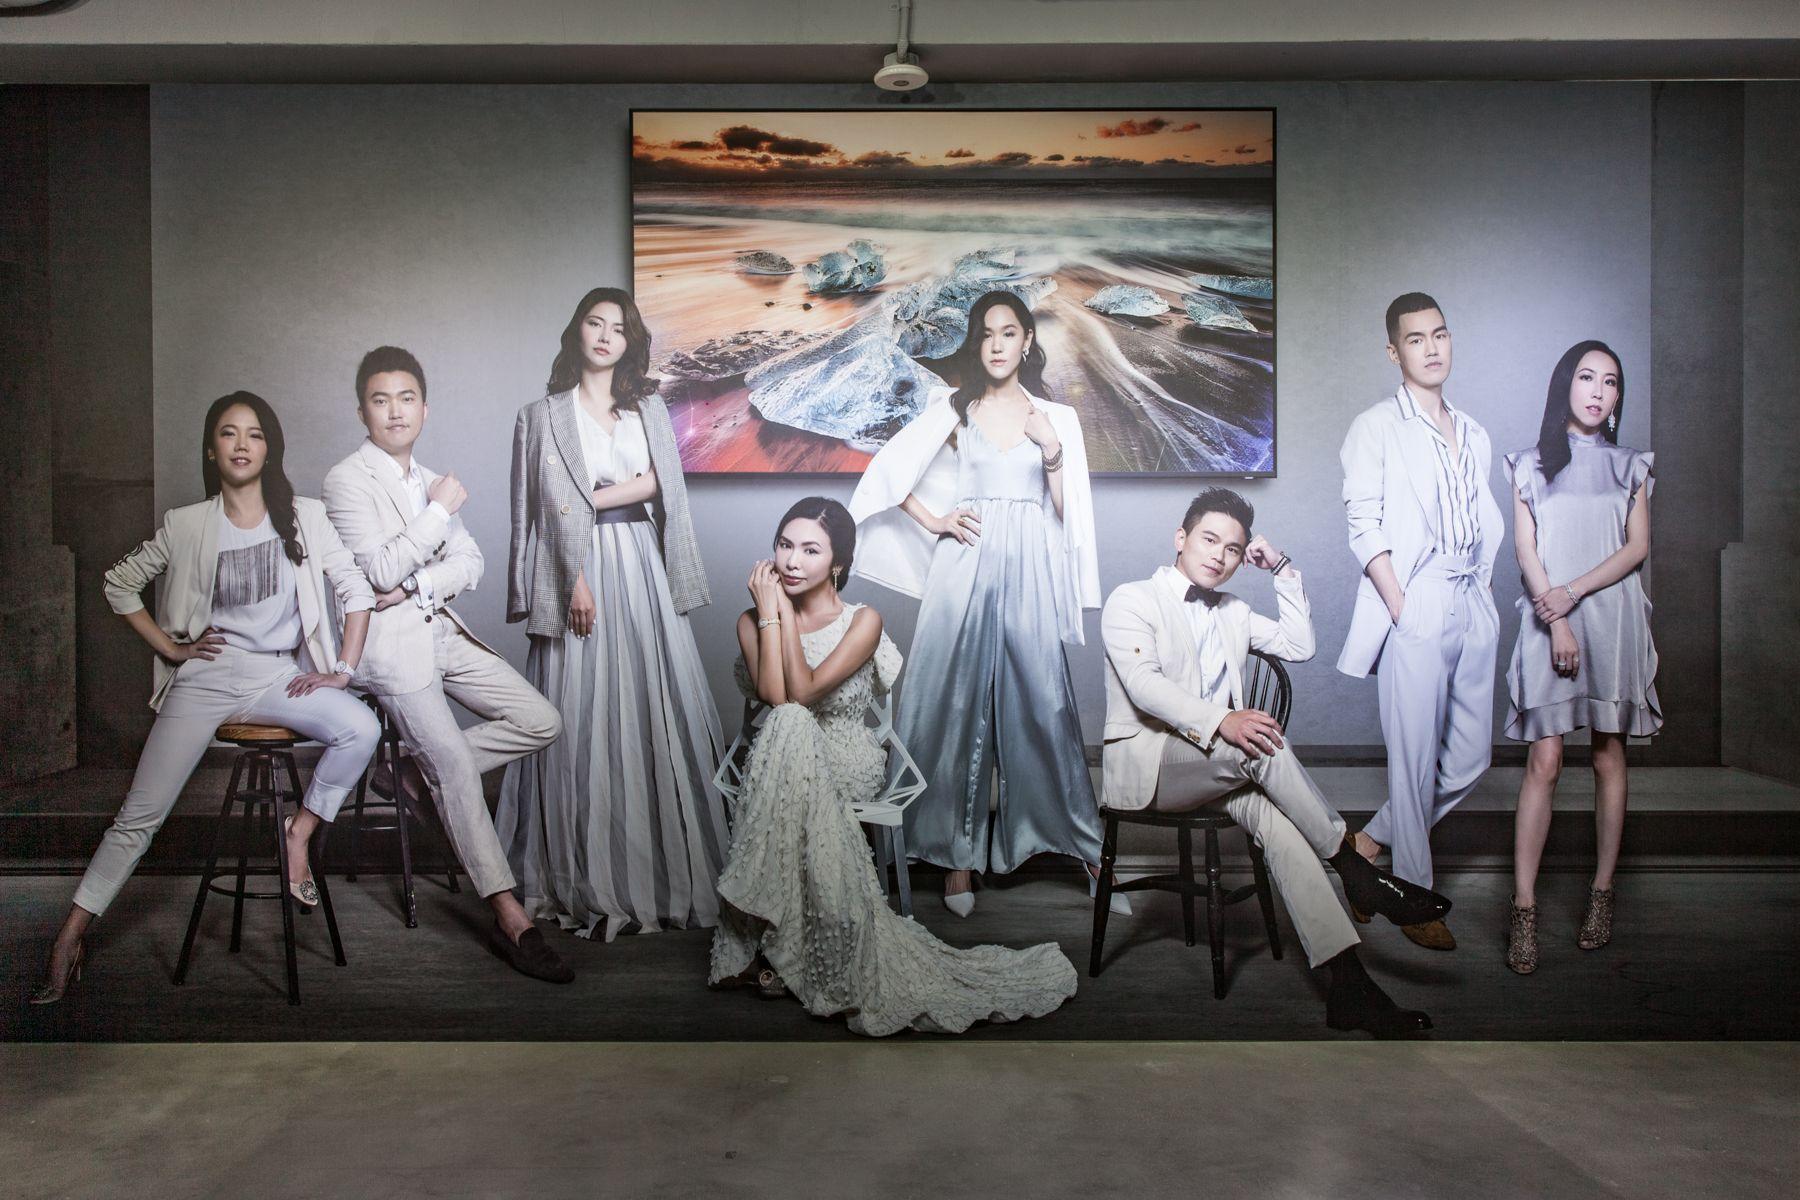 世上顏質最高的電視!三星攜手各界名人舉辦QLED 8K影像藝術展,完美演繹專業新視界